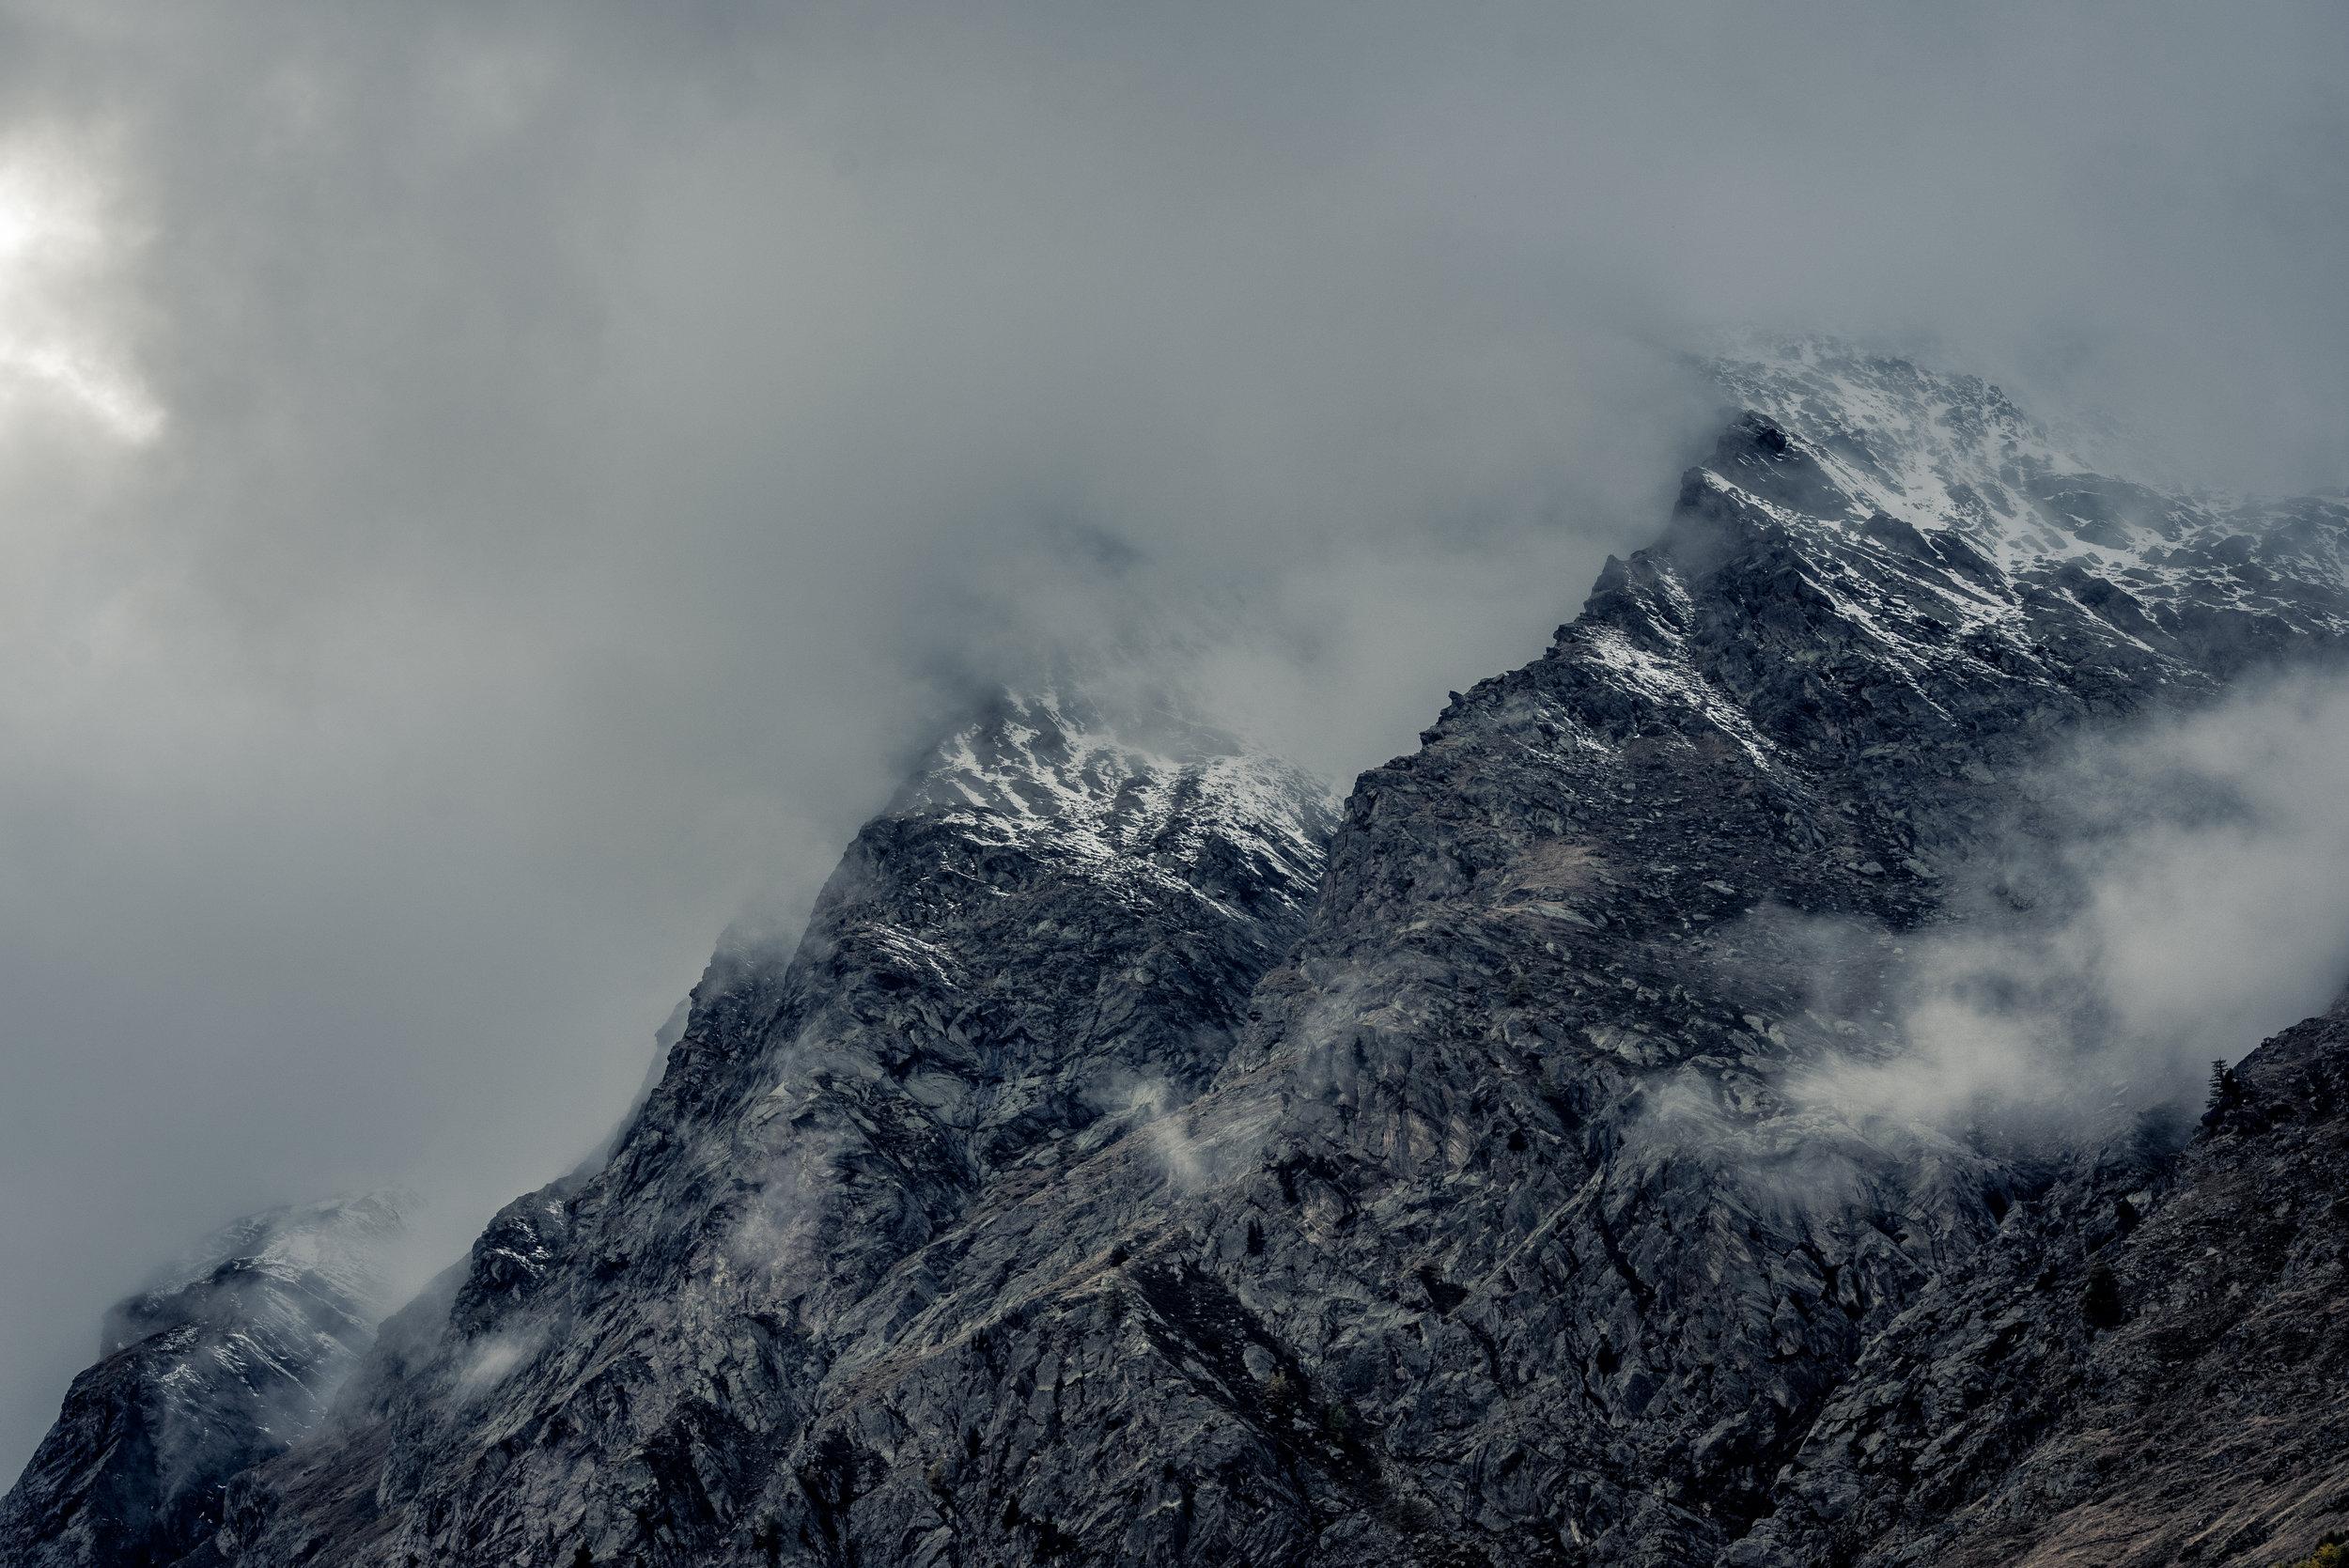 Mountain_fromunder_fog_peak_renrob©.jpg